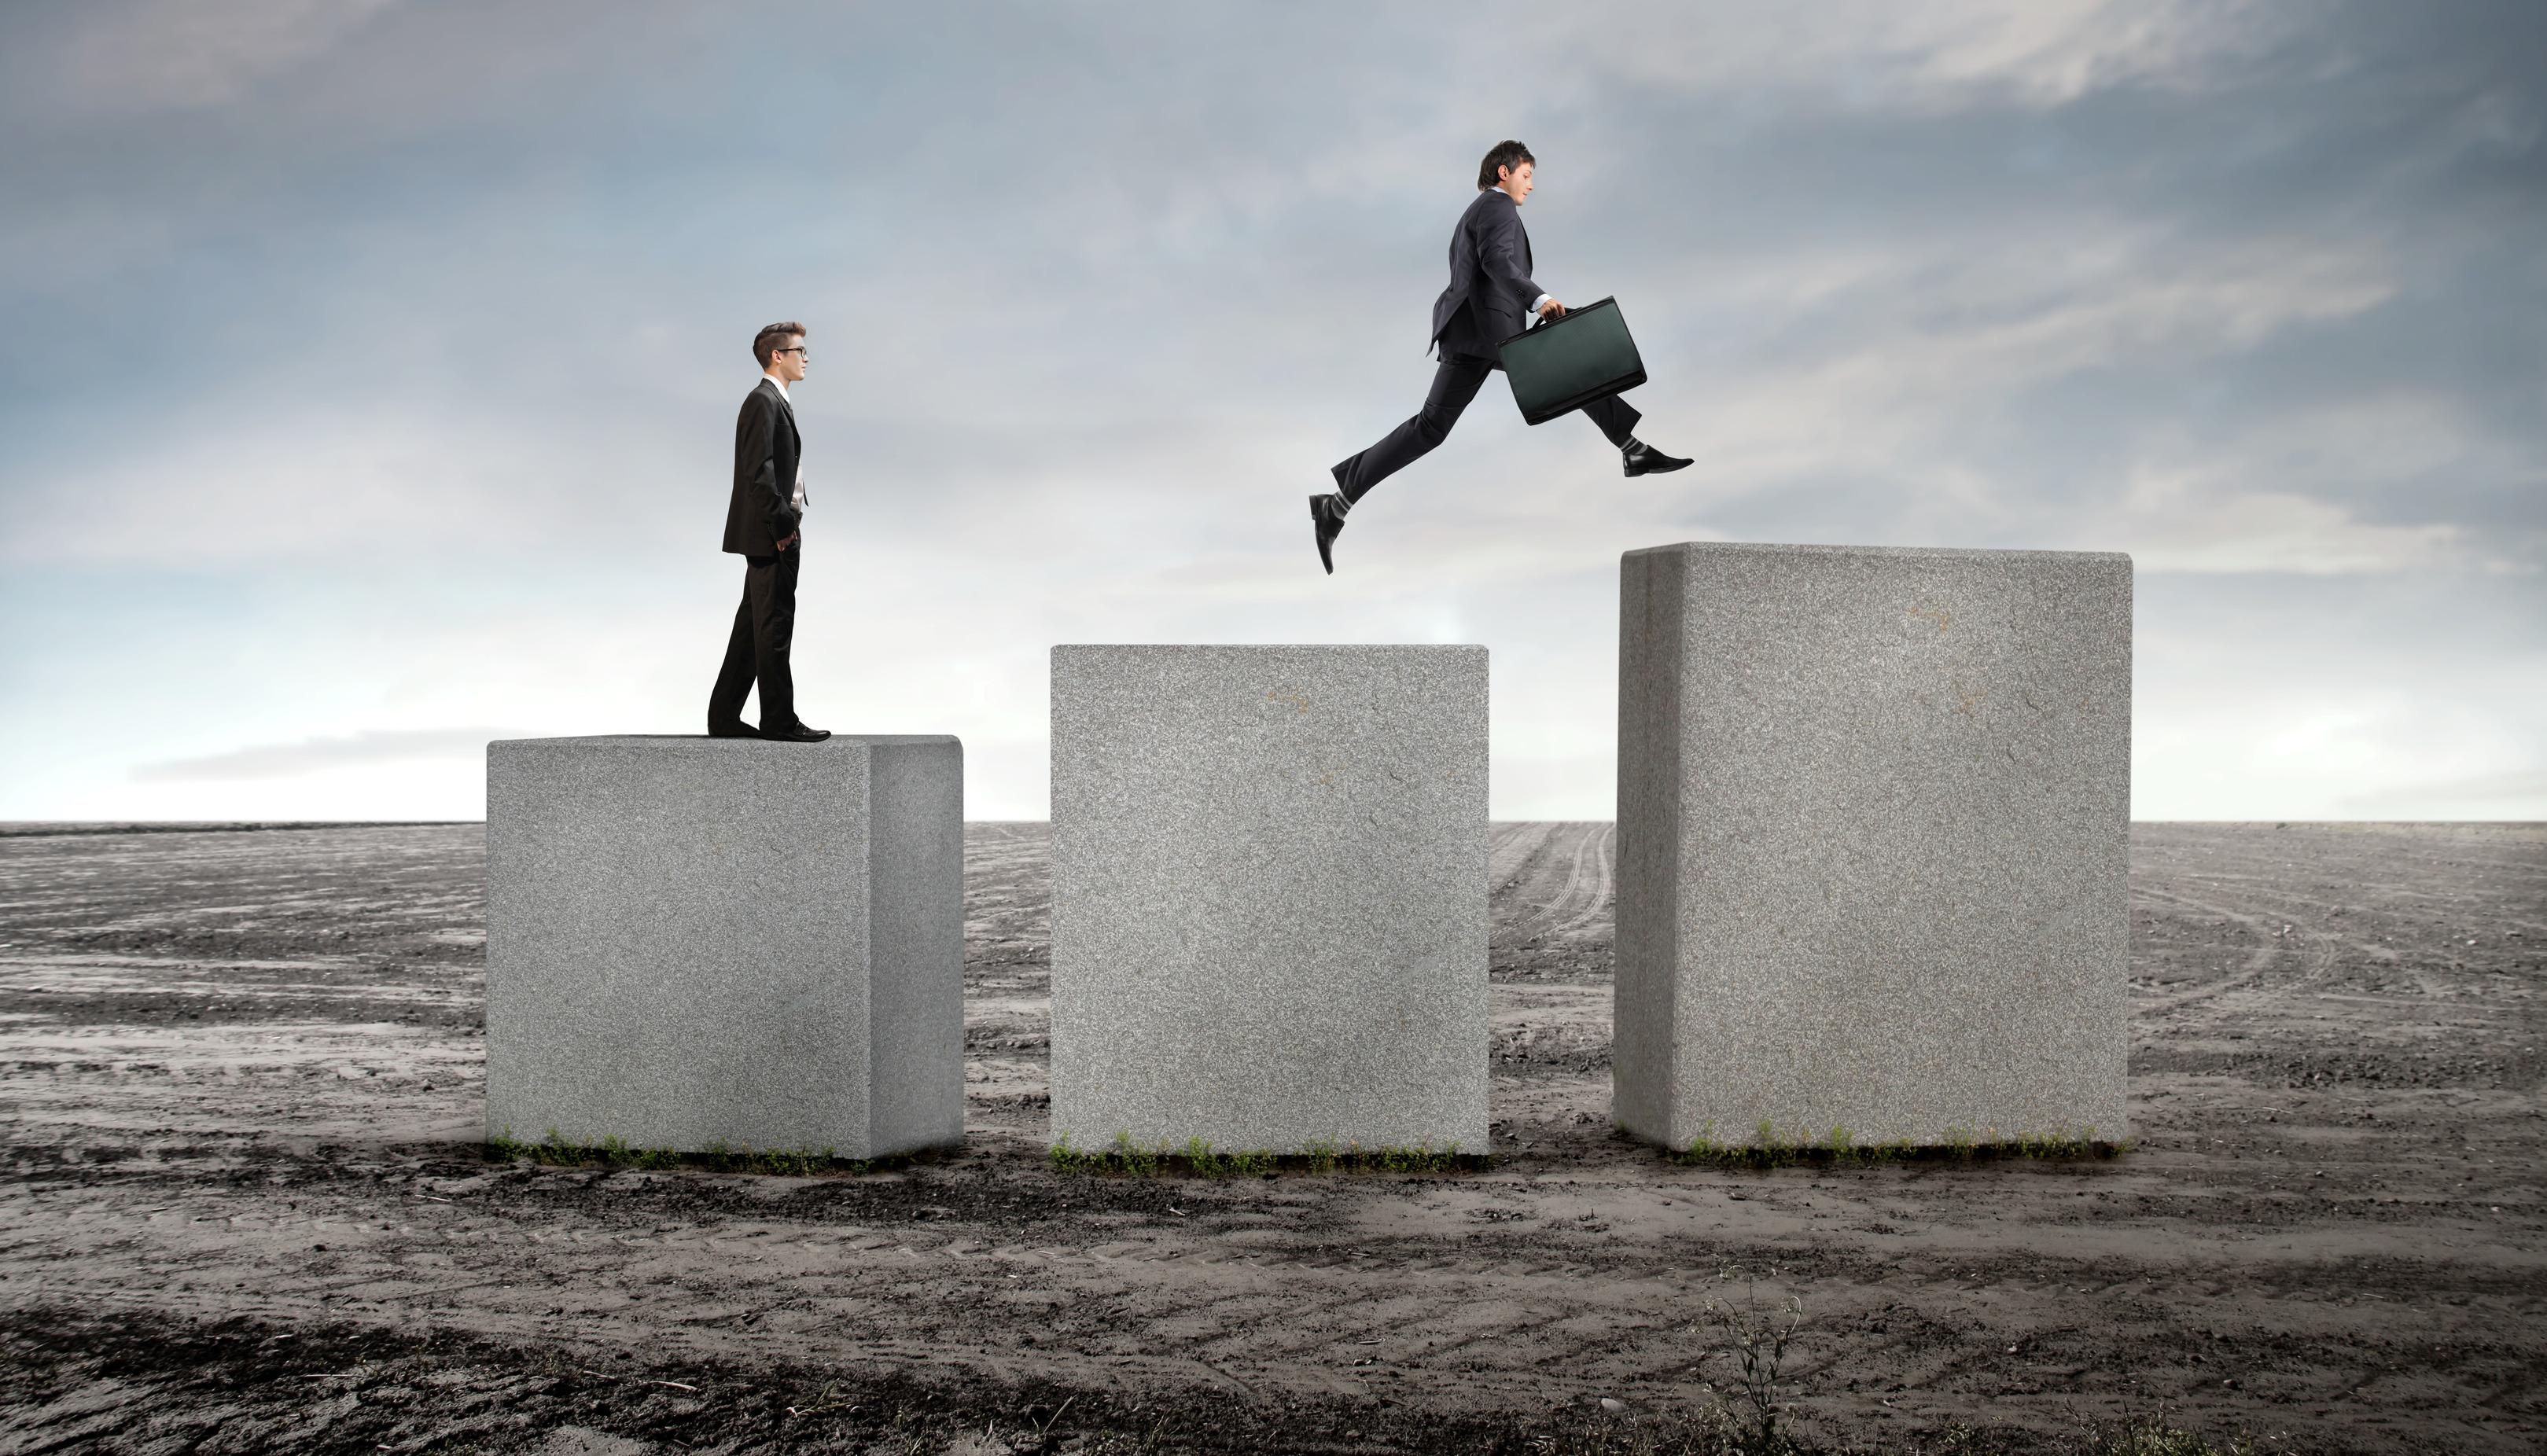 Реорганизация компании: как решить кадровые вопросы